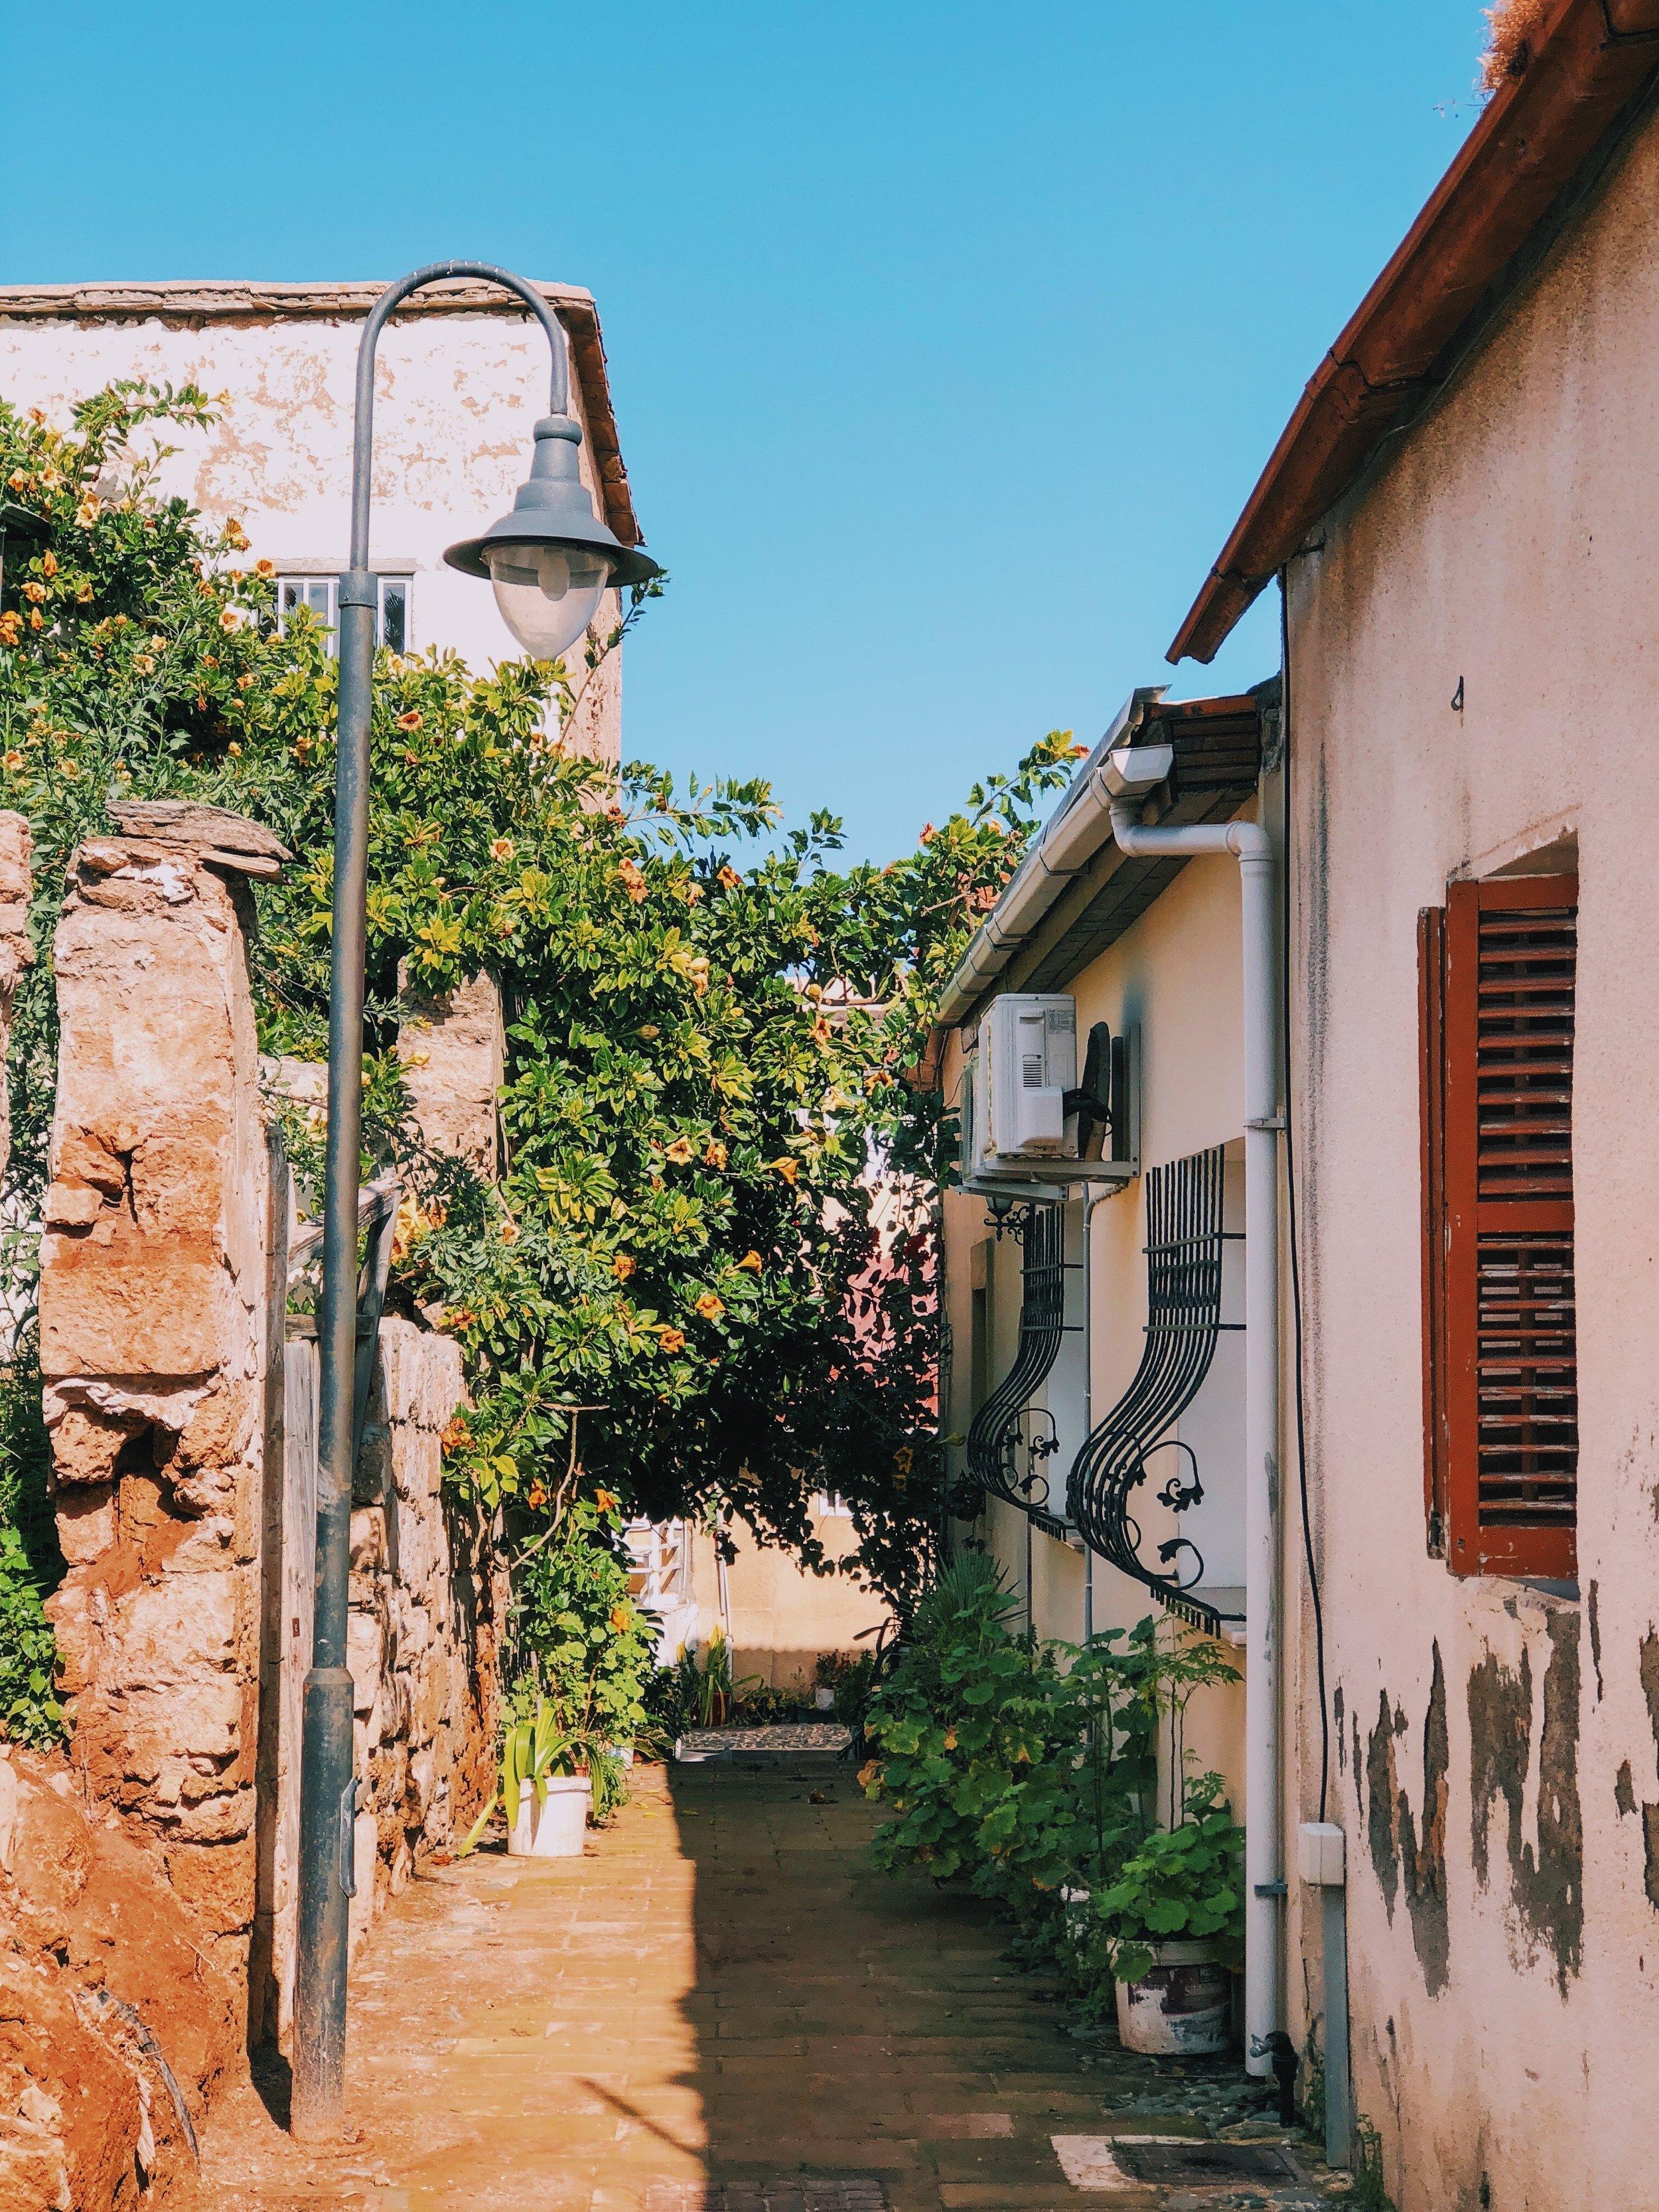 Strolling in Famagusta's narrow streets.